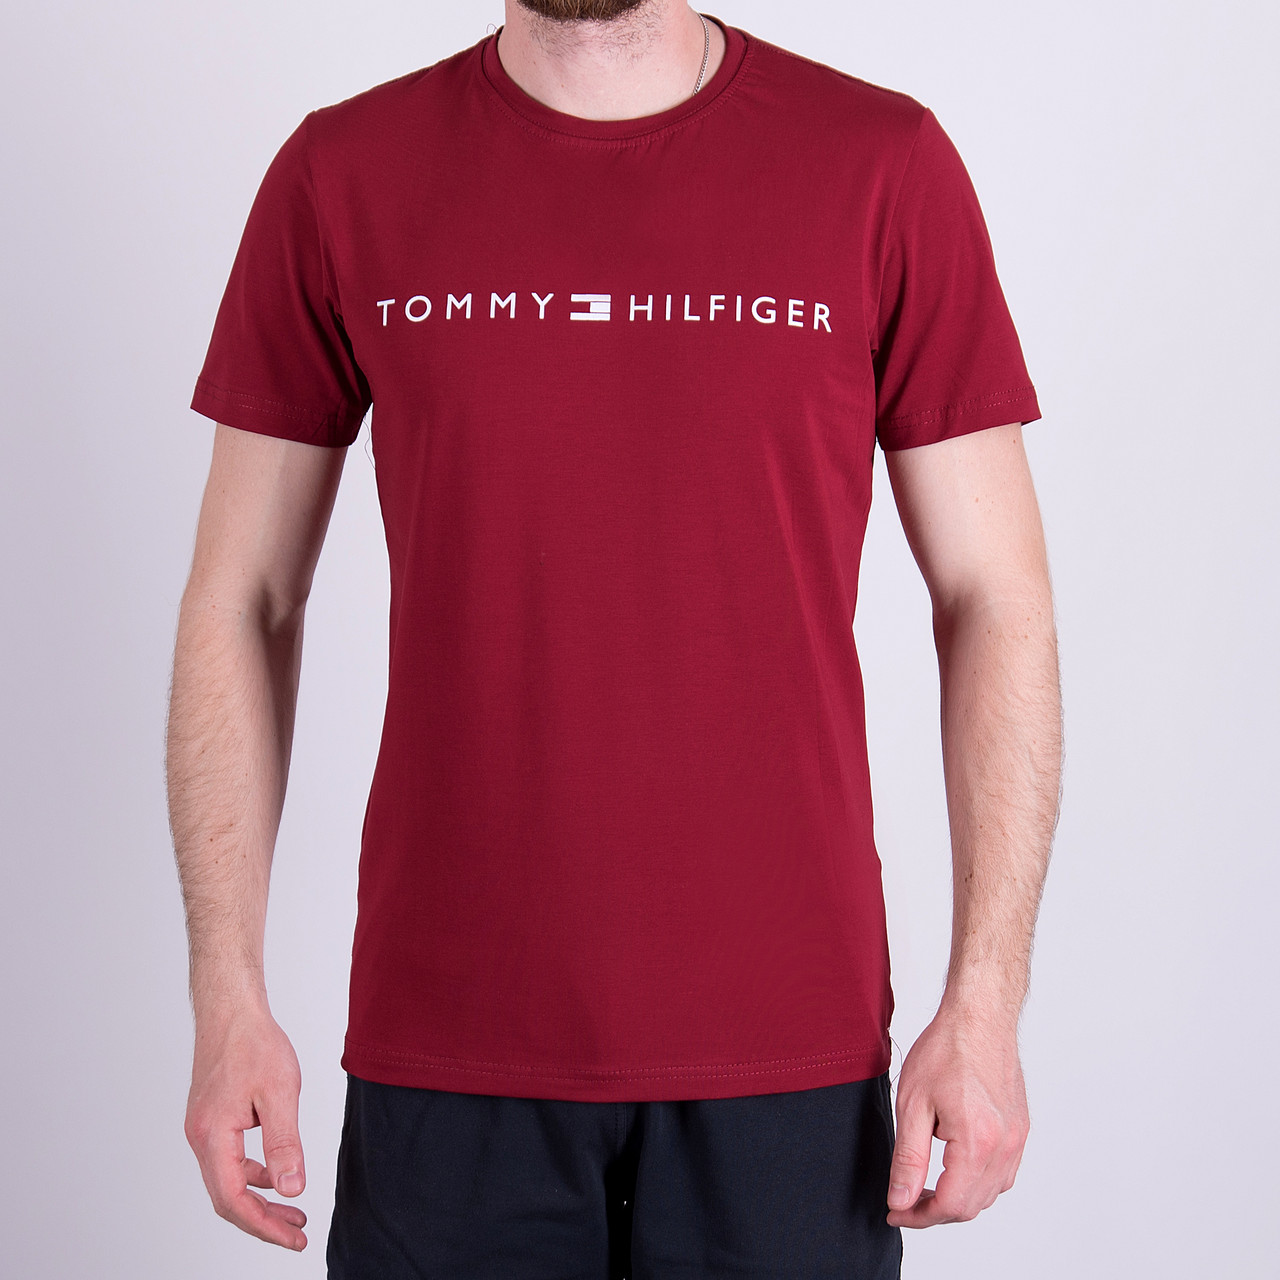 Чоловіча футболка TOMMY HILFIGER, кольору бордо